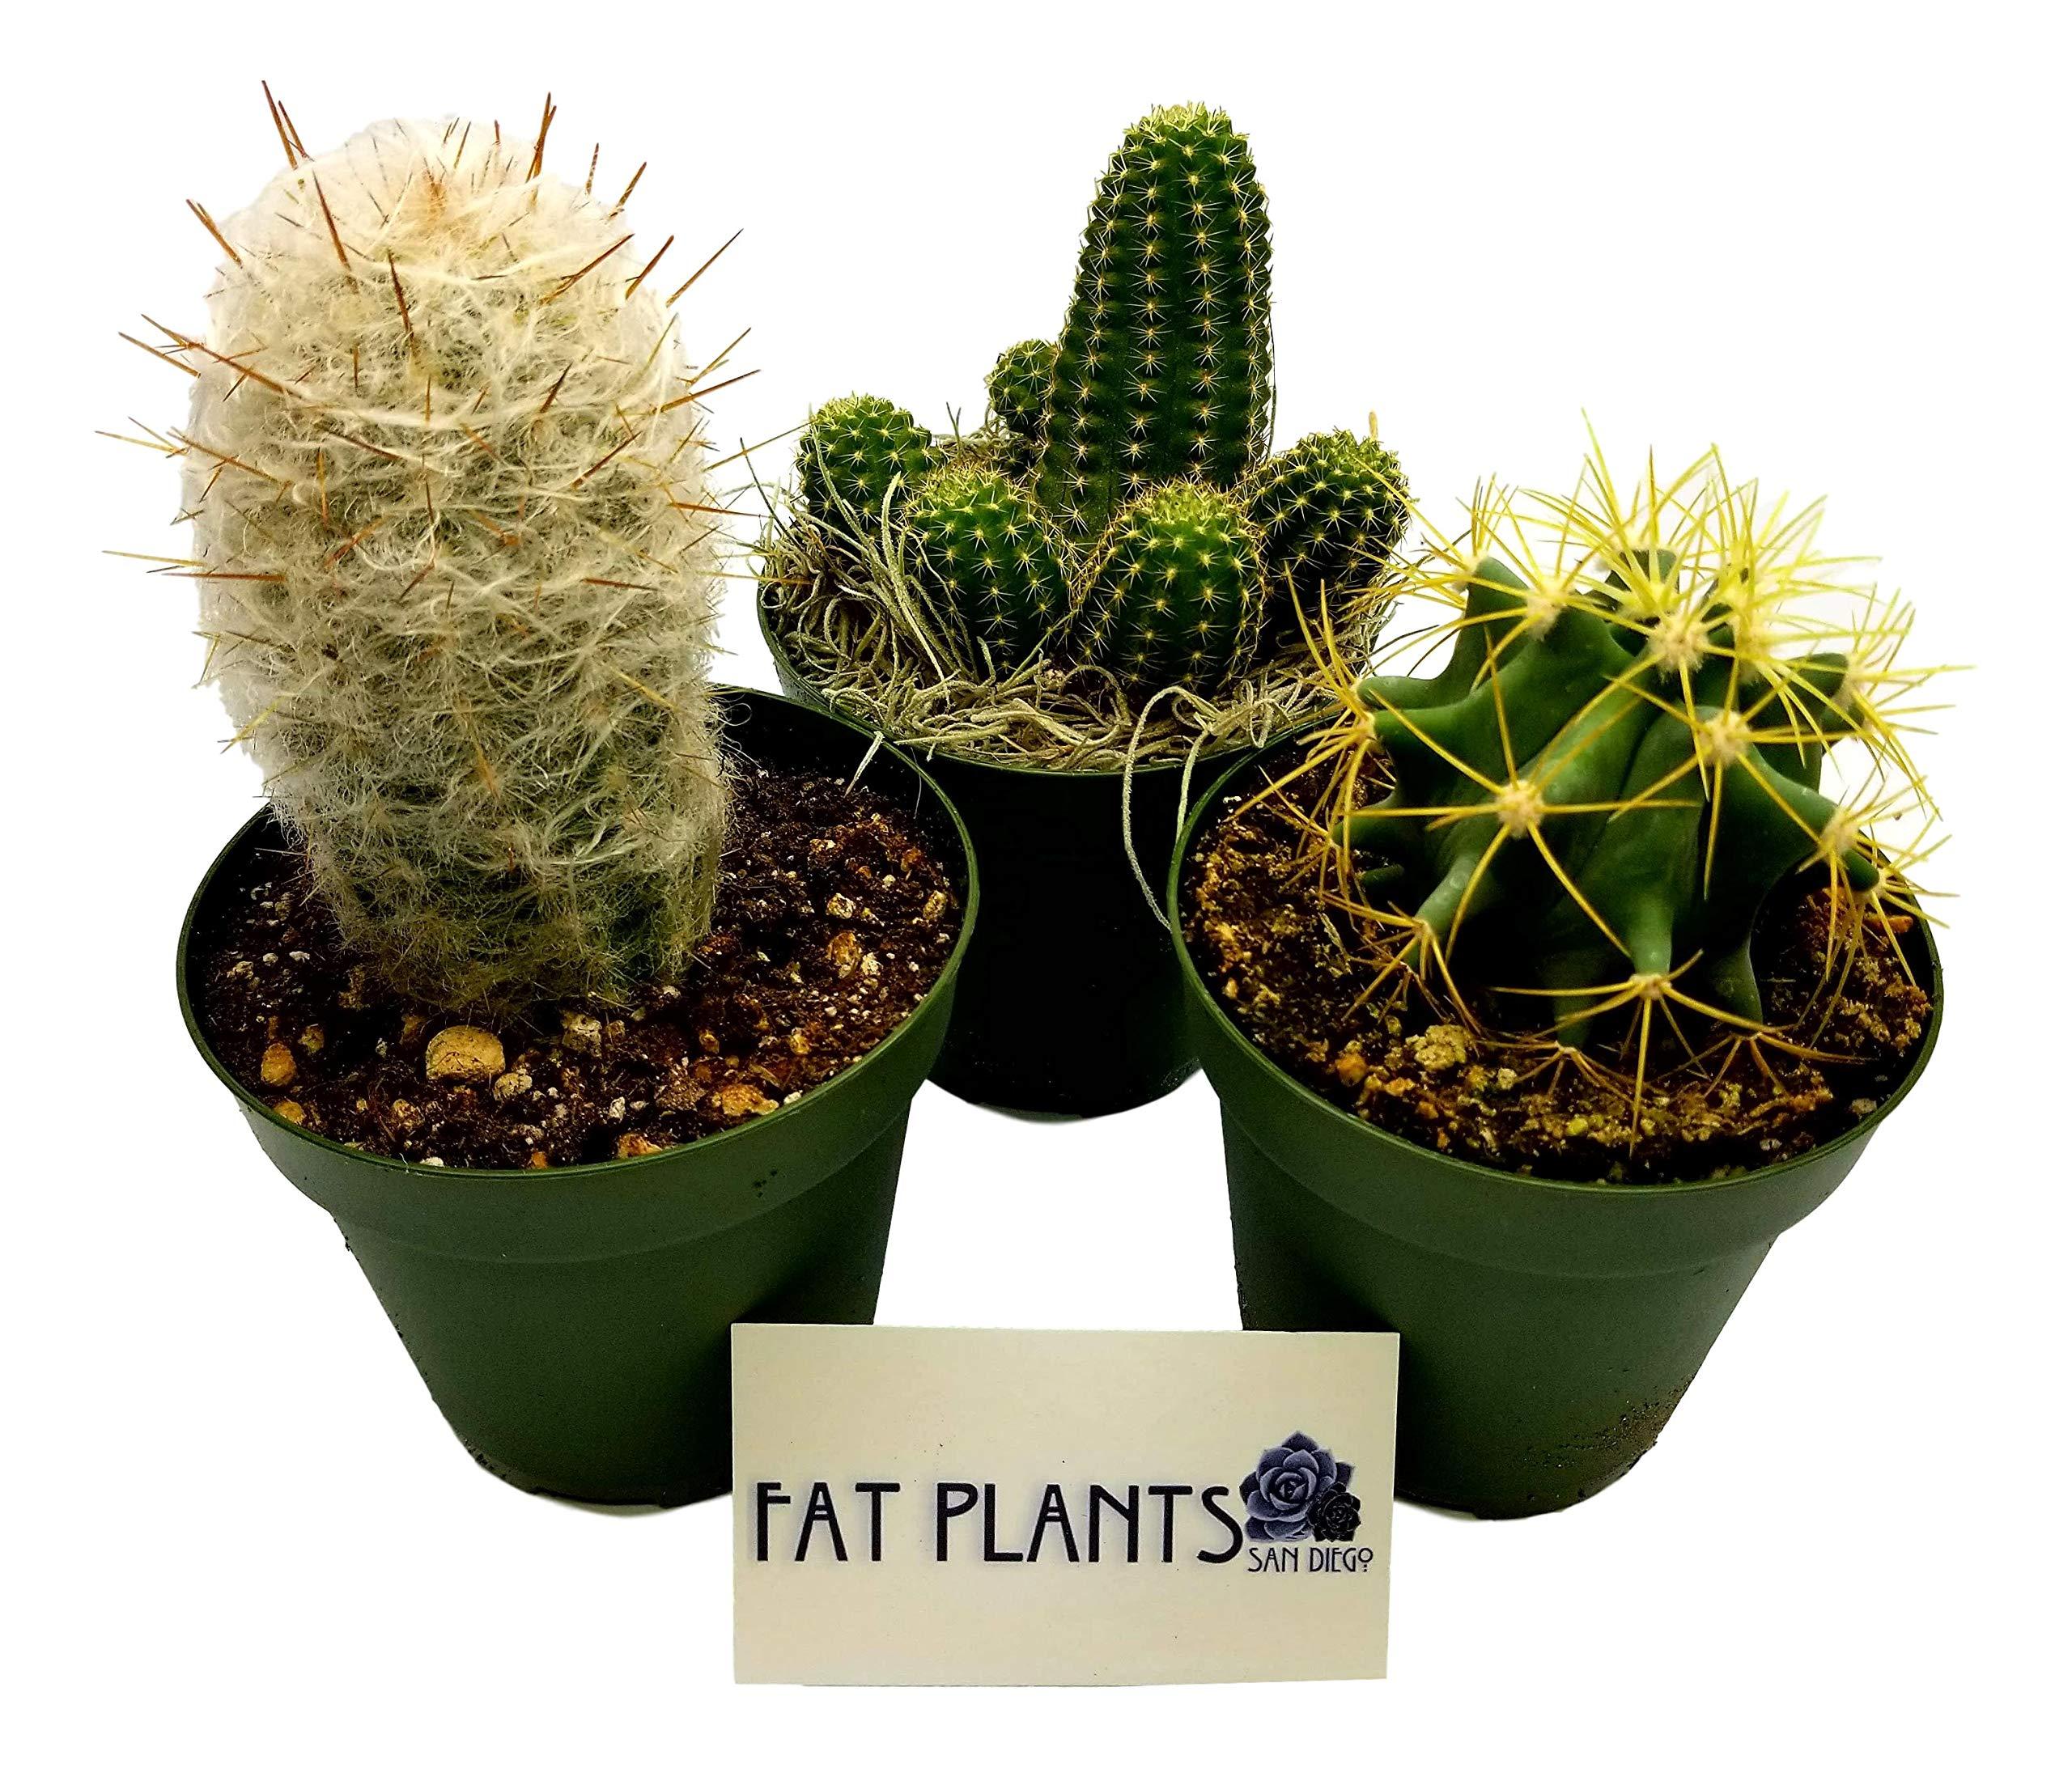 Fat Plants San Diego Large Cactus Plant(s) (3)